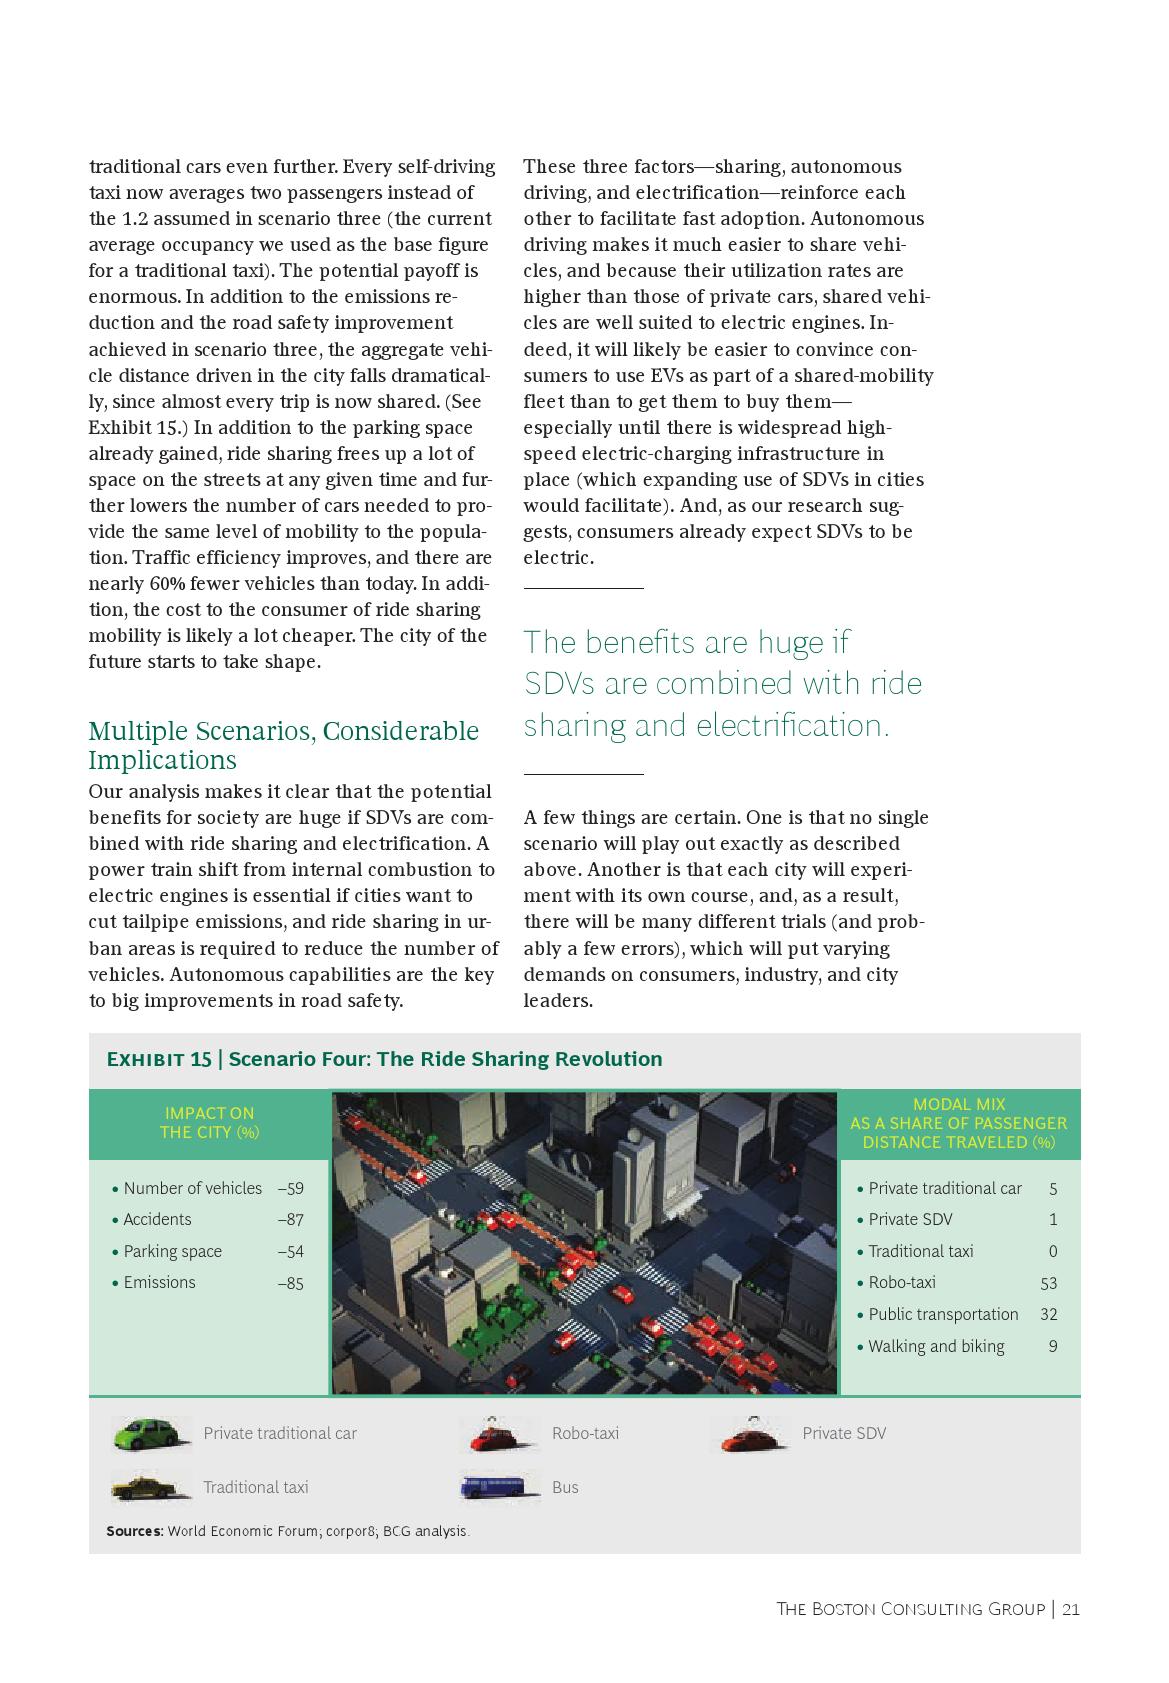 自动驾驶与城市交通革命_000023